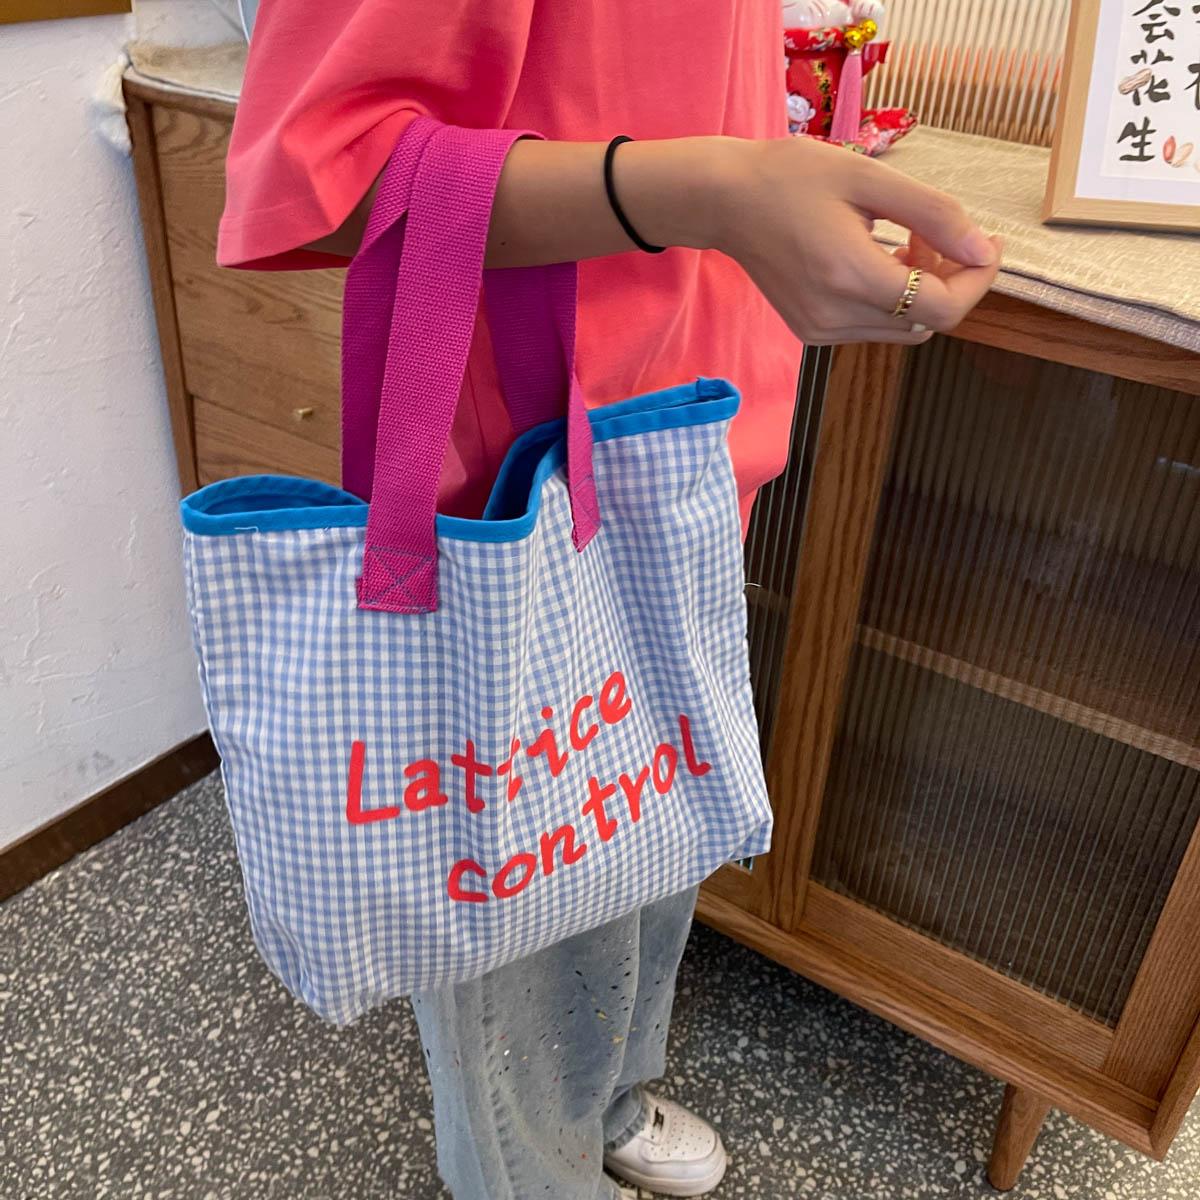 少女心糖果色春秋字母手提帆布包格子彩色大容量单肩购物袋托特女